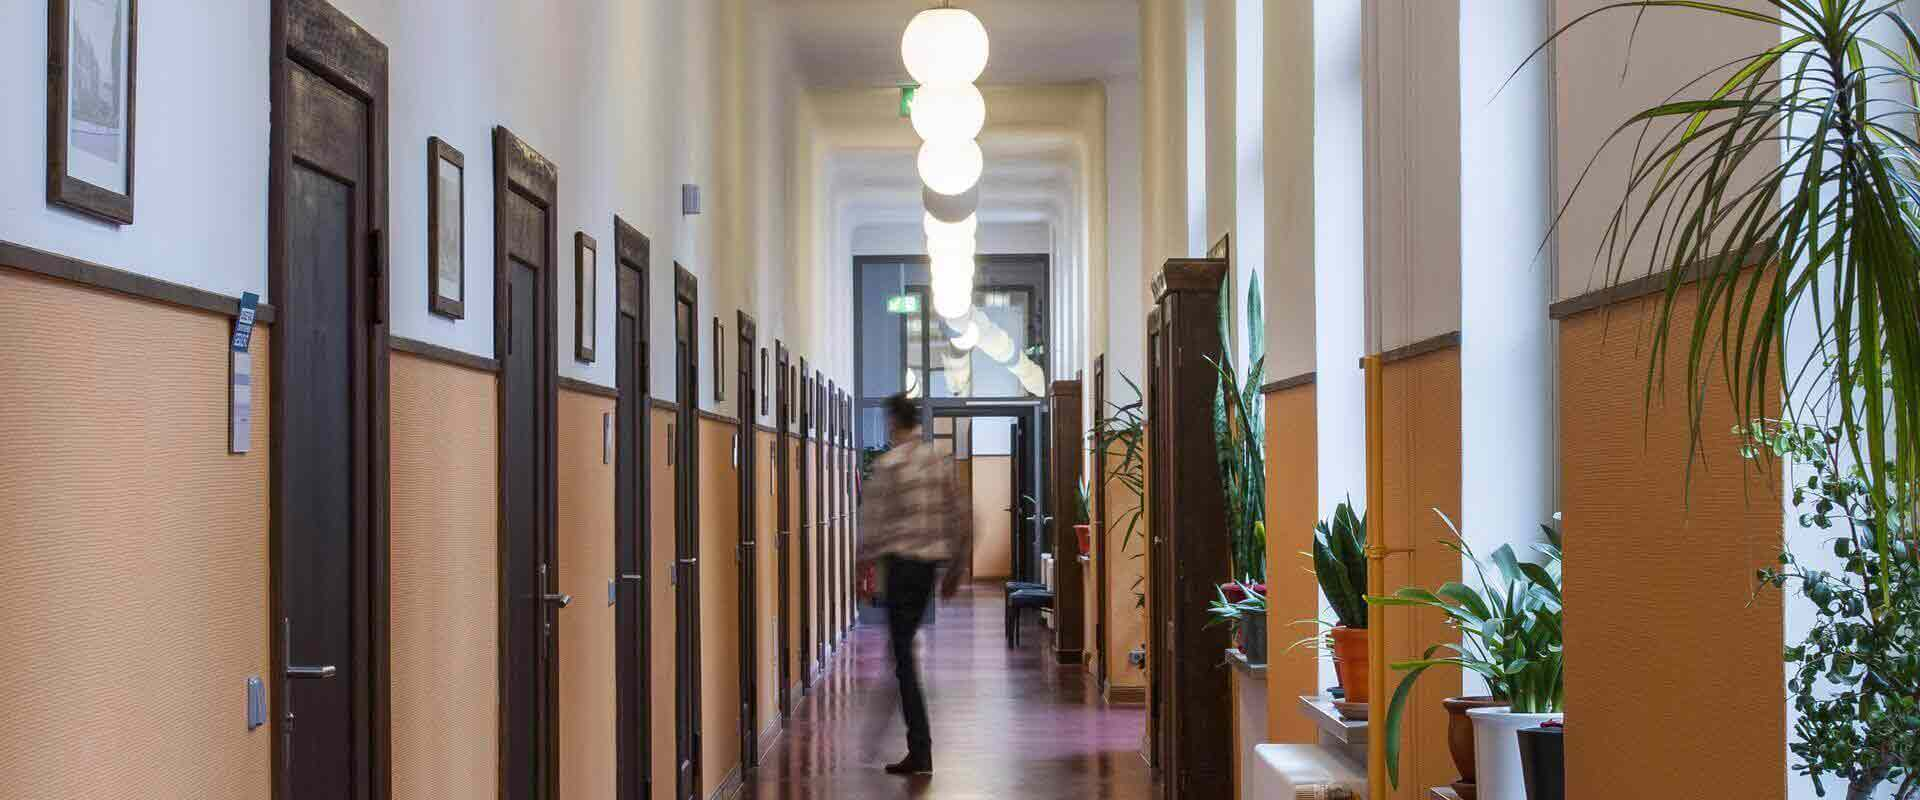 Flur in der MEDIAN Klinik Schelfstadt